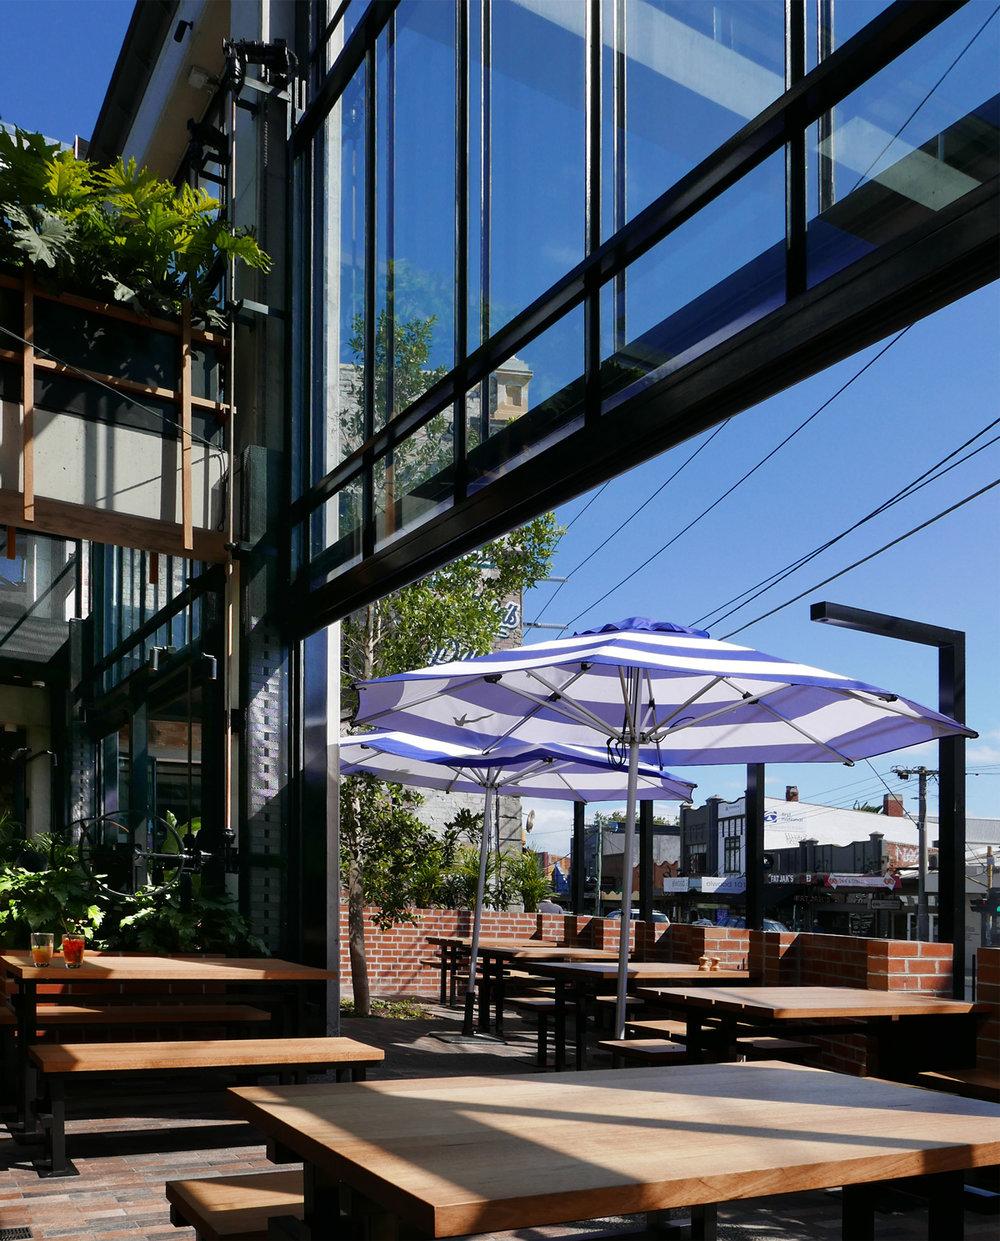 Garden Bar outdoor dining area.